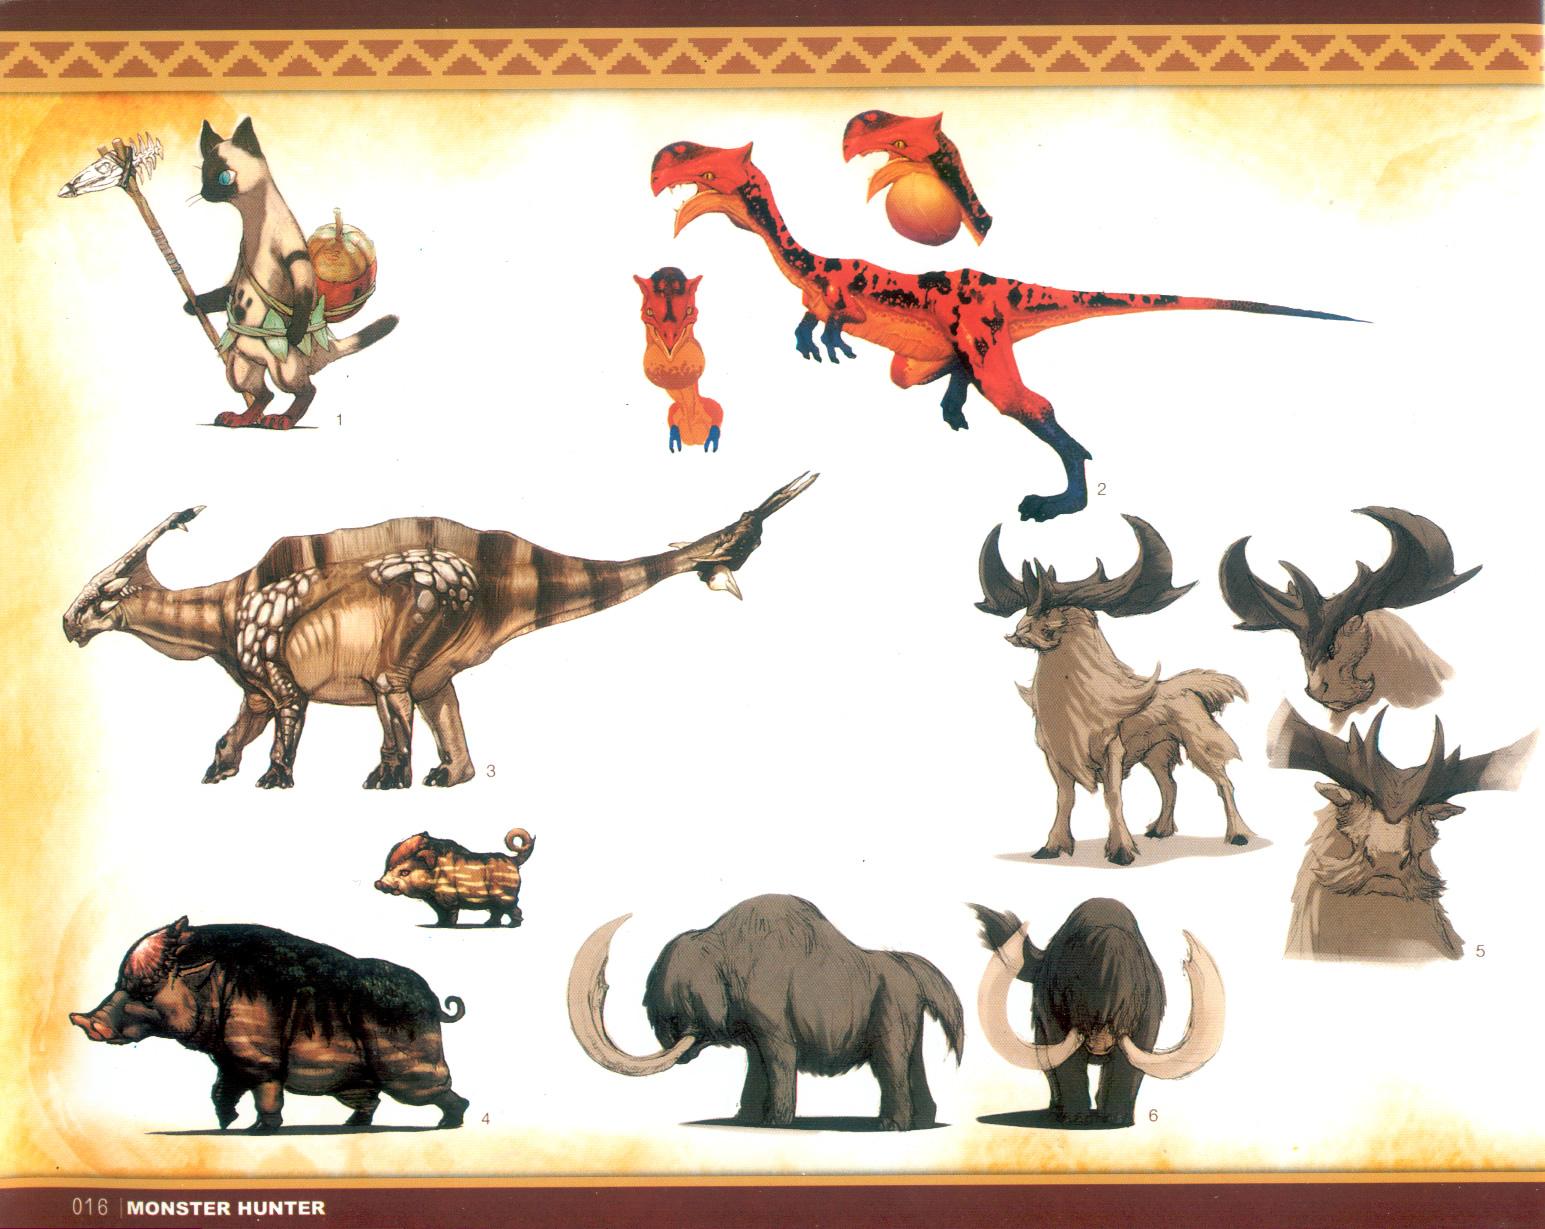 016_关注-游艺网GAME798海量资源下载怪物猎人终极画集.jpg